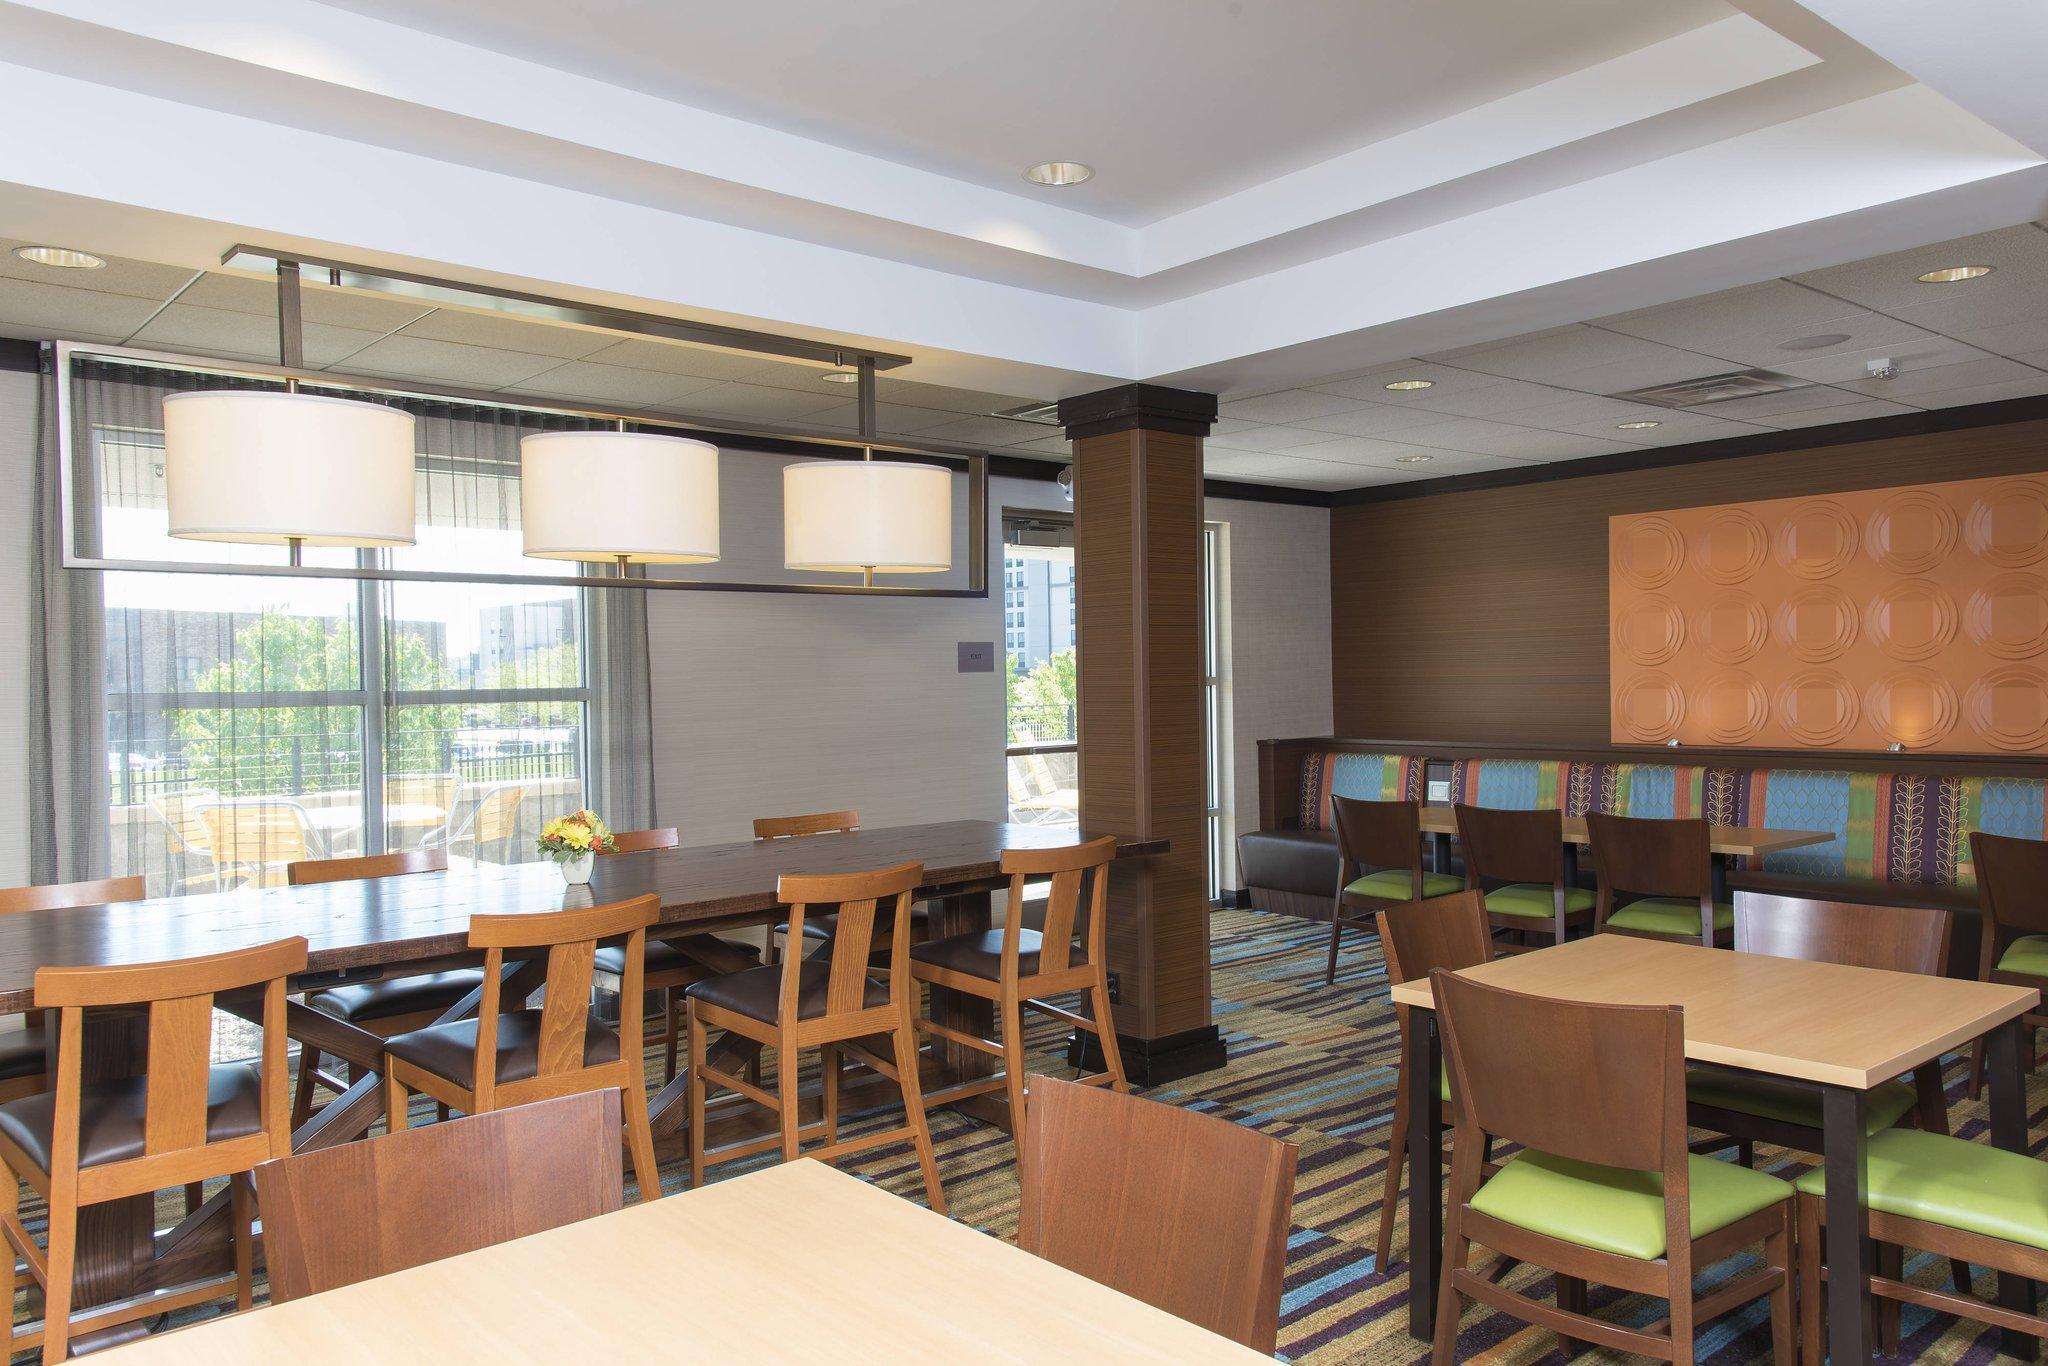 Fairfield Inn & Suites Omaha Downtown